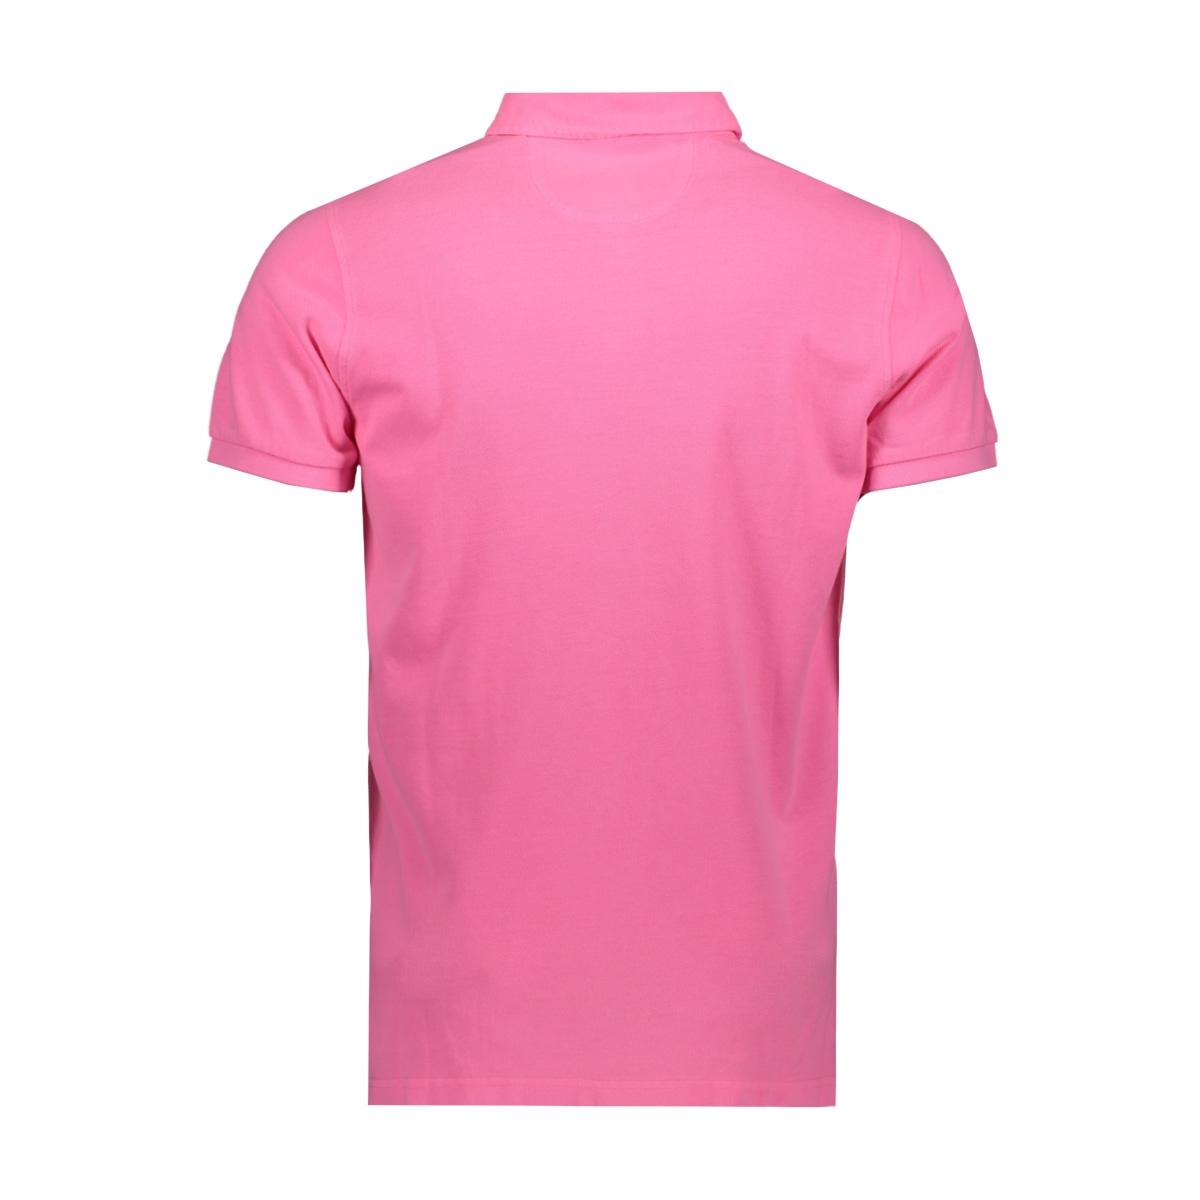 waiapu 19cn150 nza polo 690 neon pink